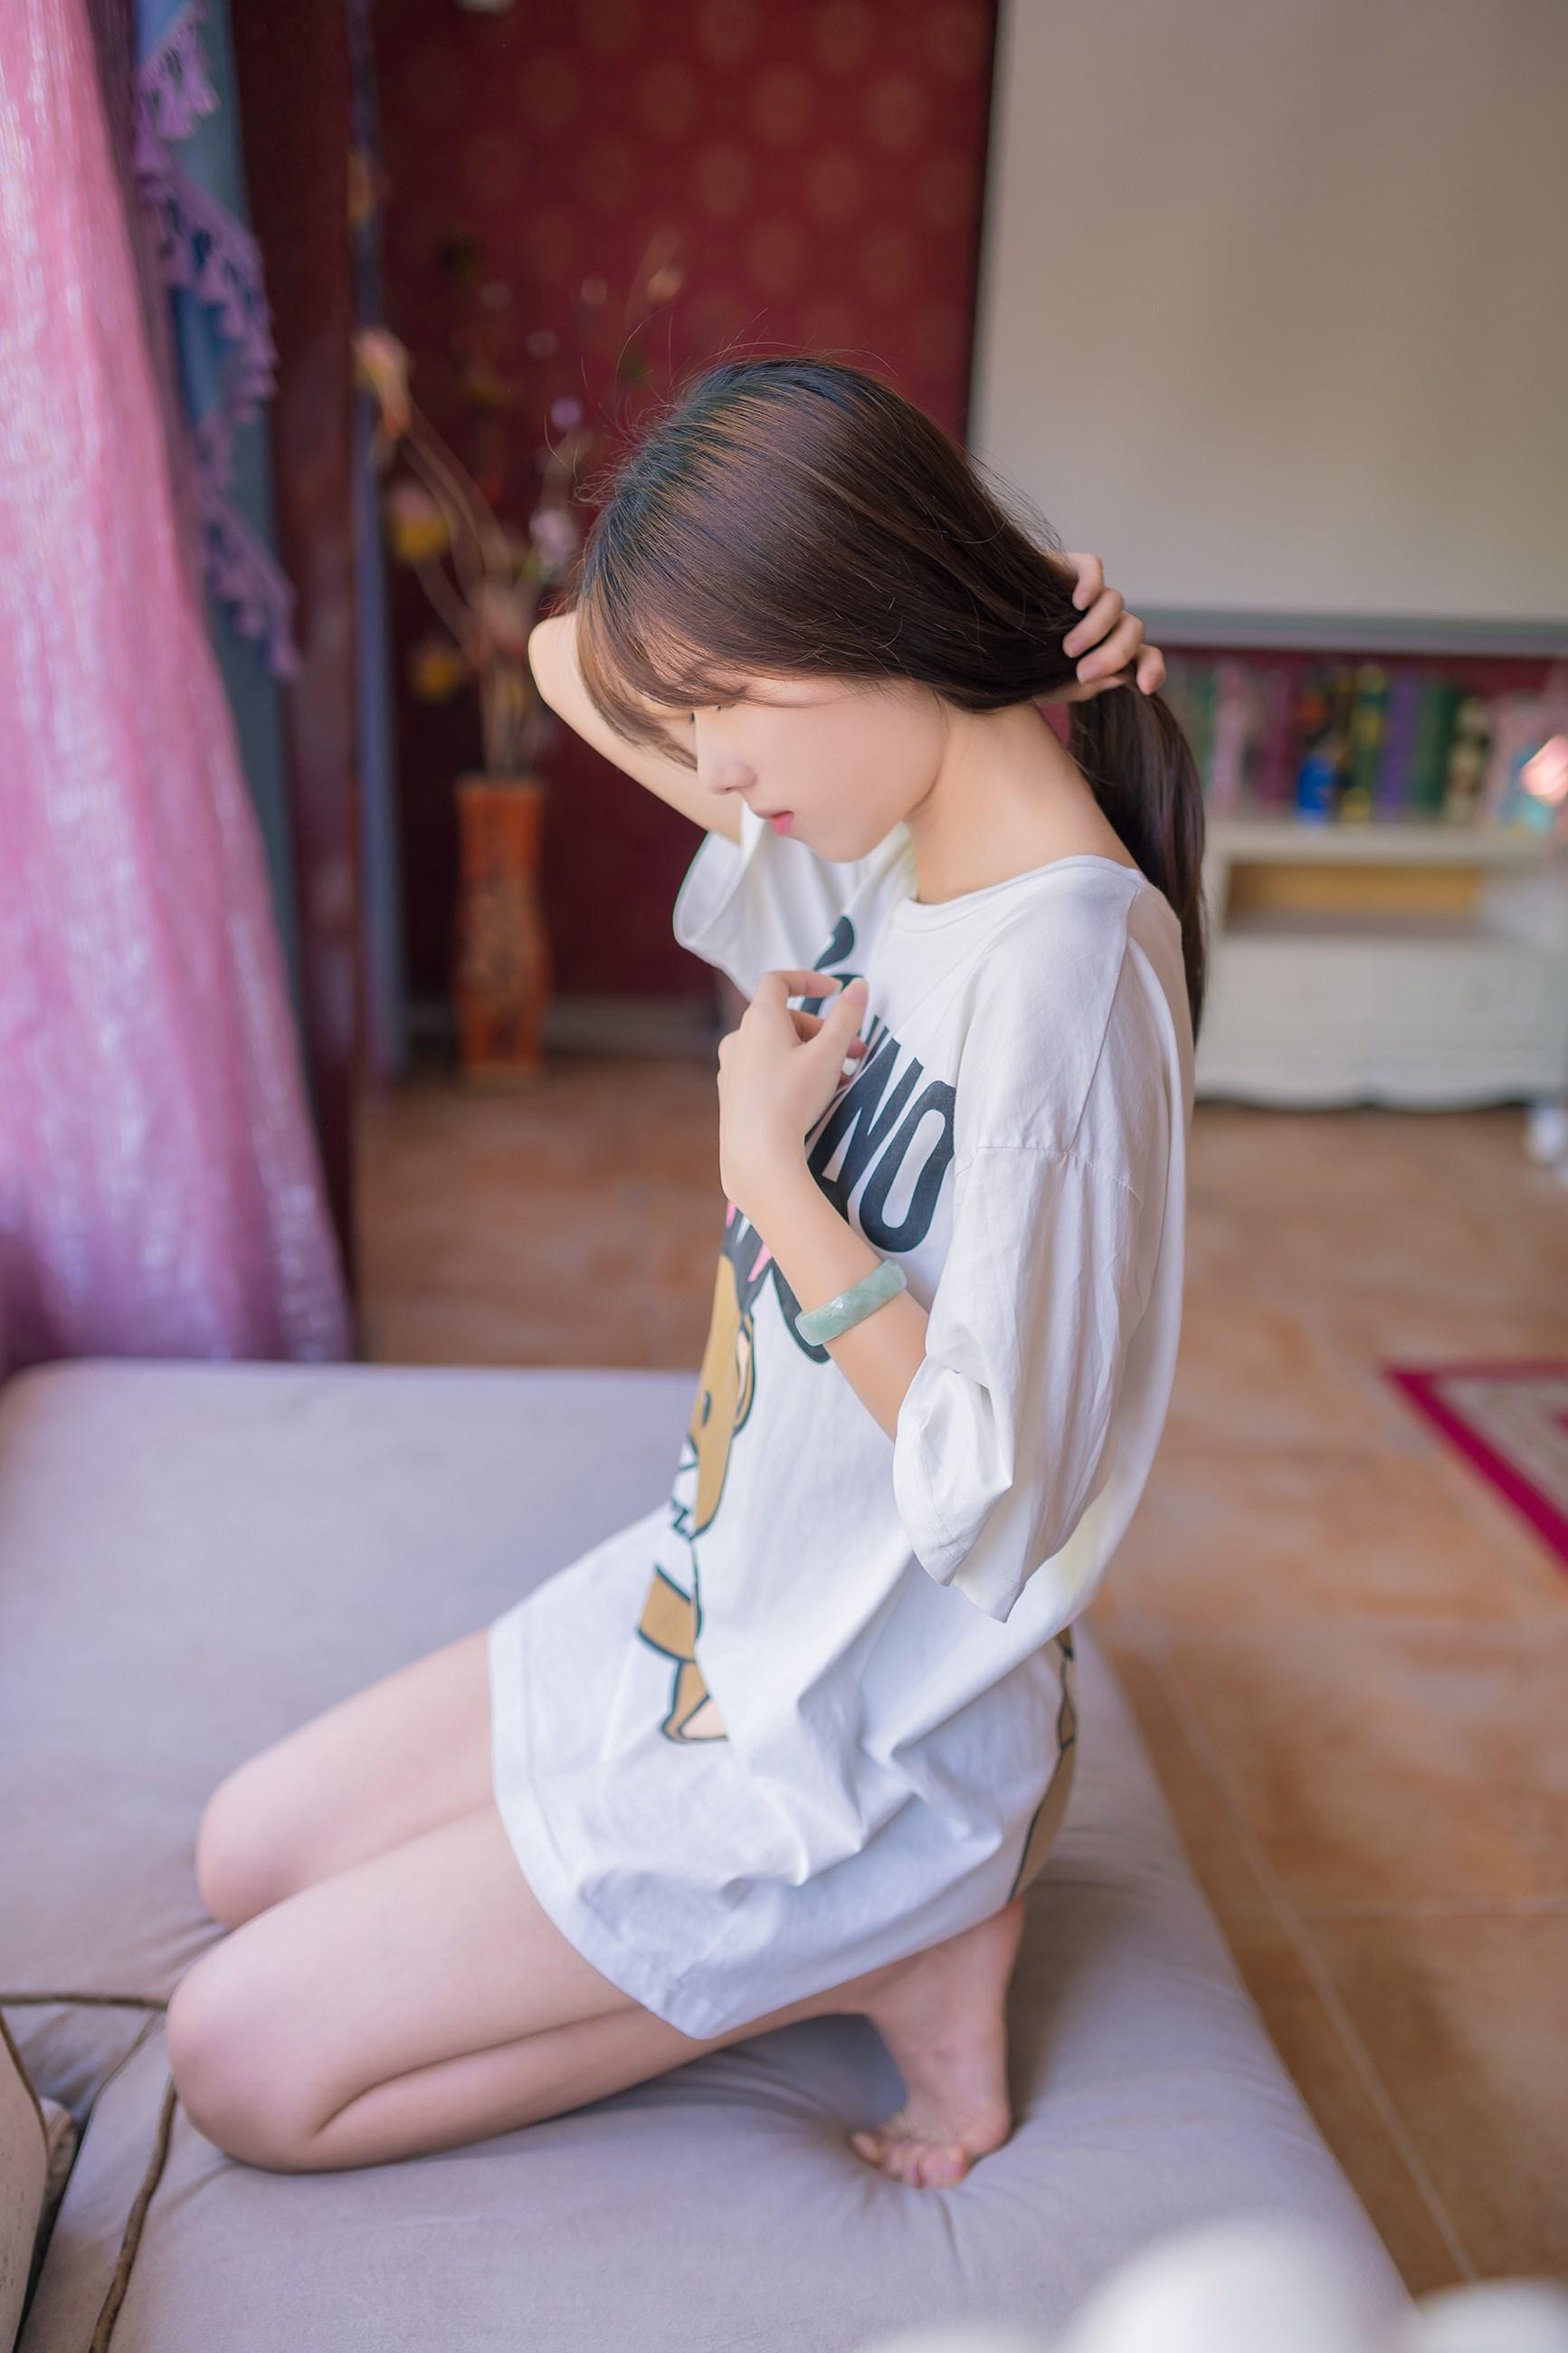 【兔玩映画】小熊睡衣 兔玩映画 第23张